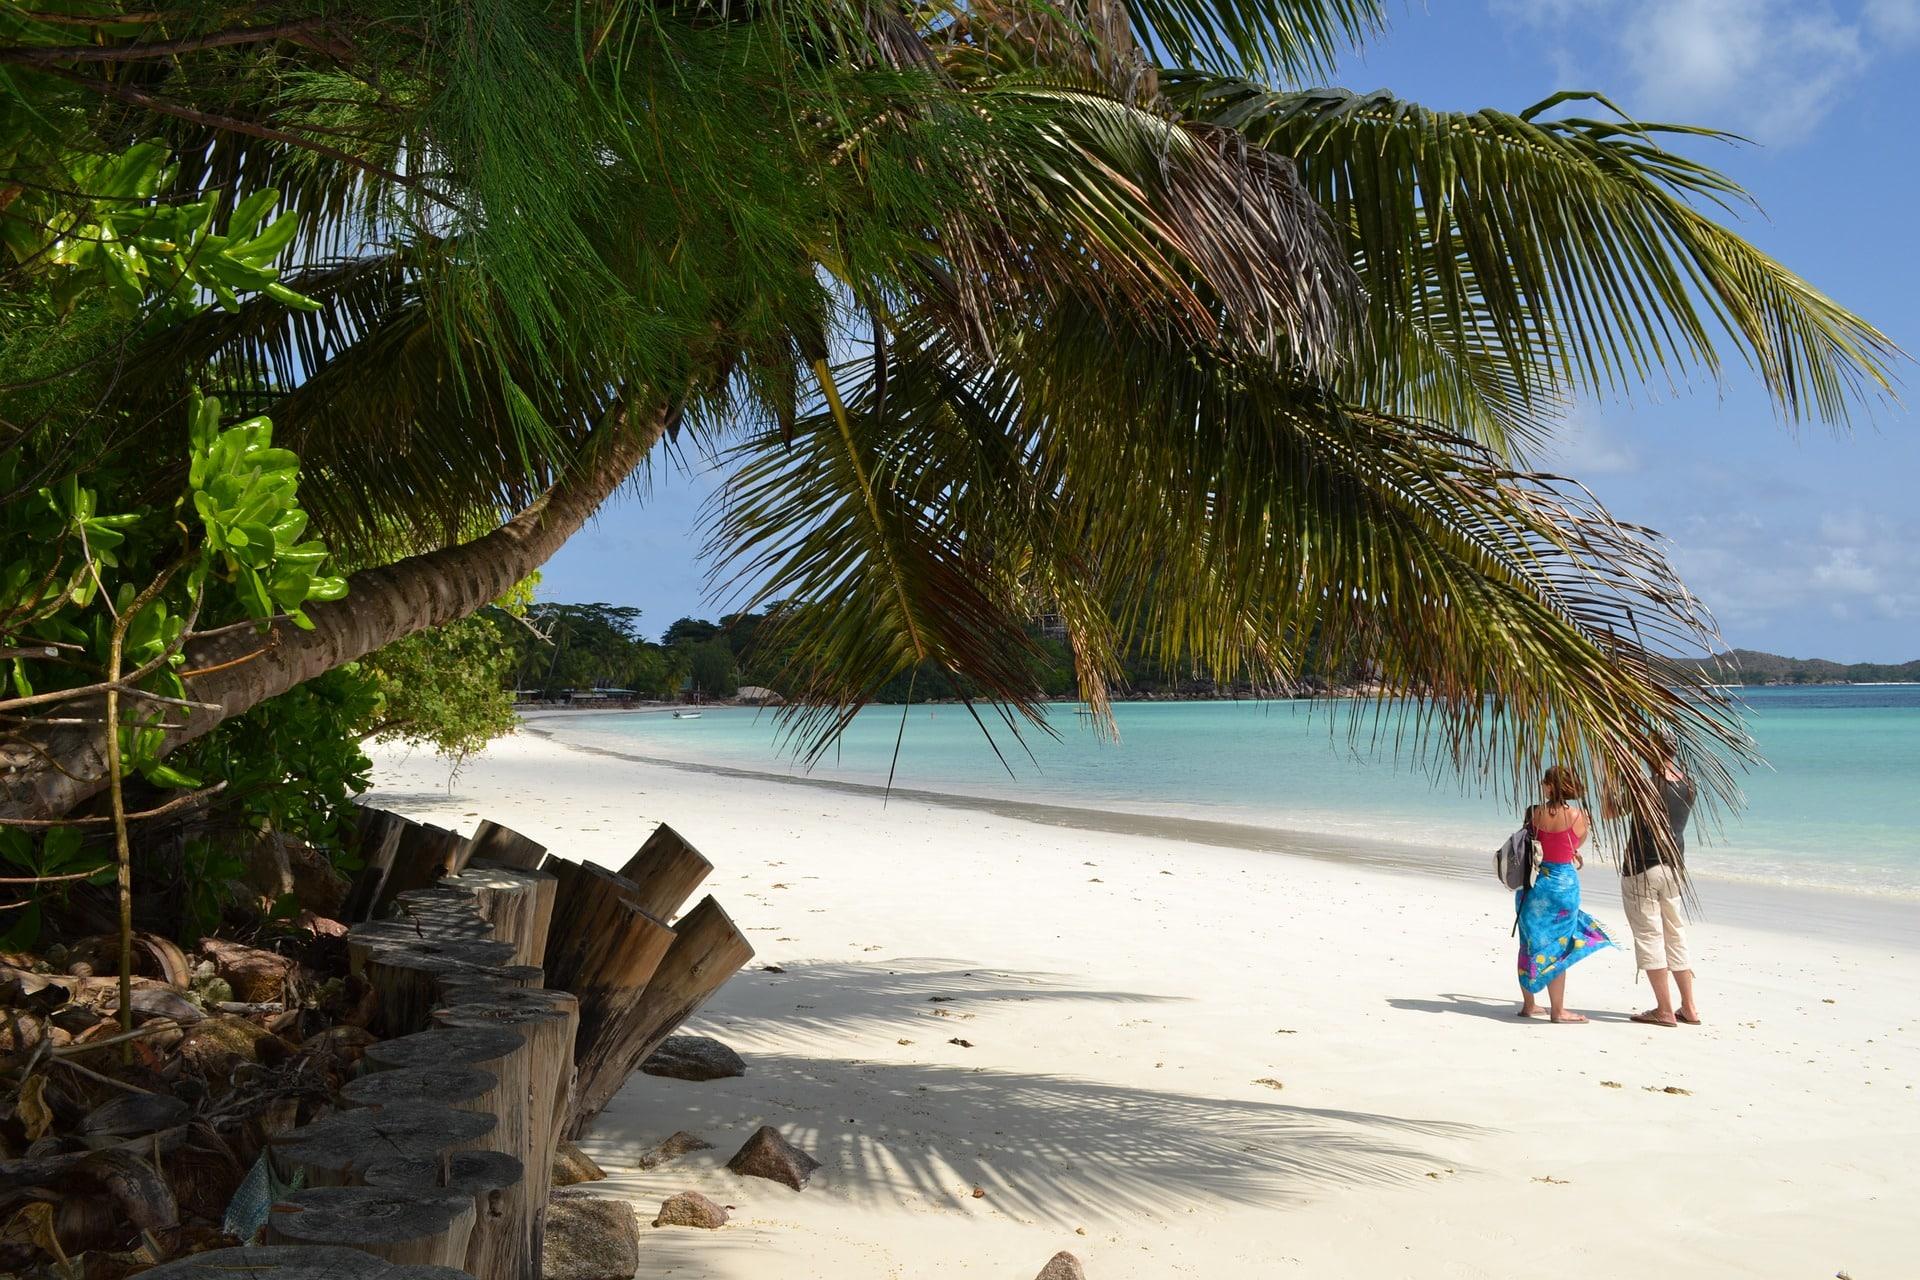 Quelle est la langue parlée aux Seychelles?